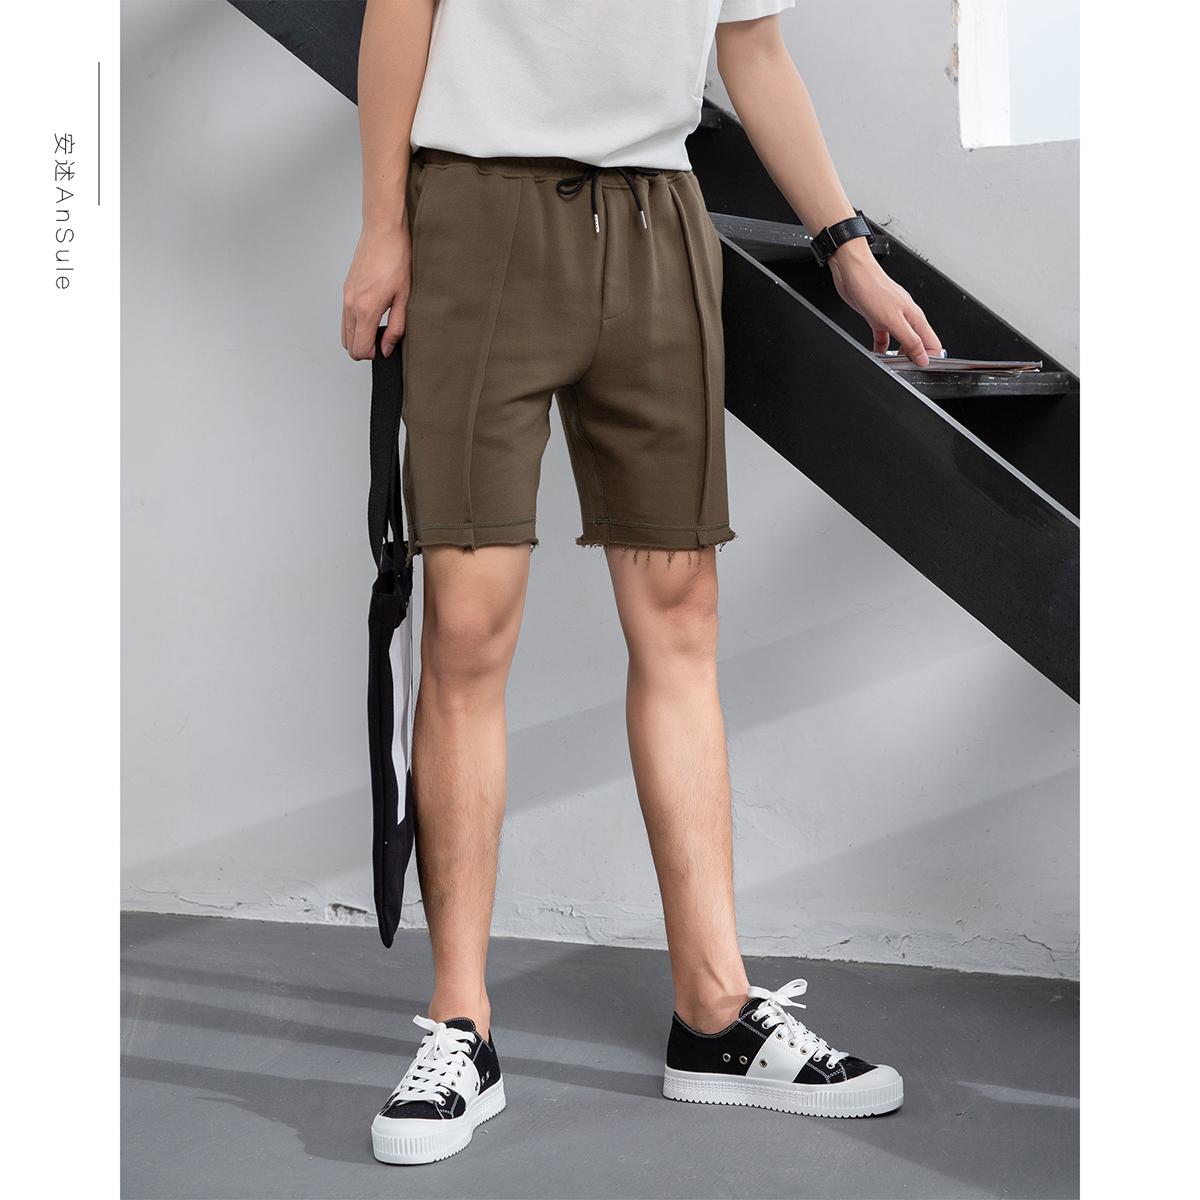 安述 2019纯色休闲短裤 男式韩版橡筋运动五分裤 不规则下摆短裤